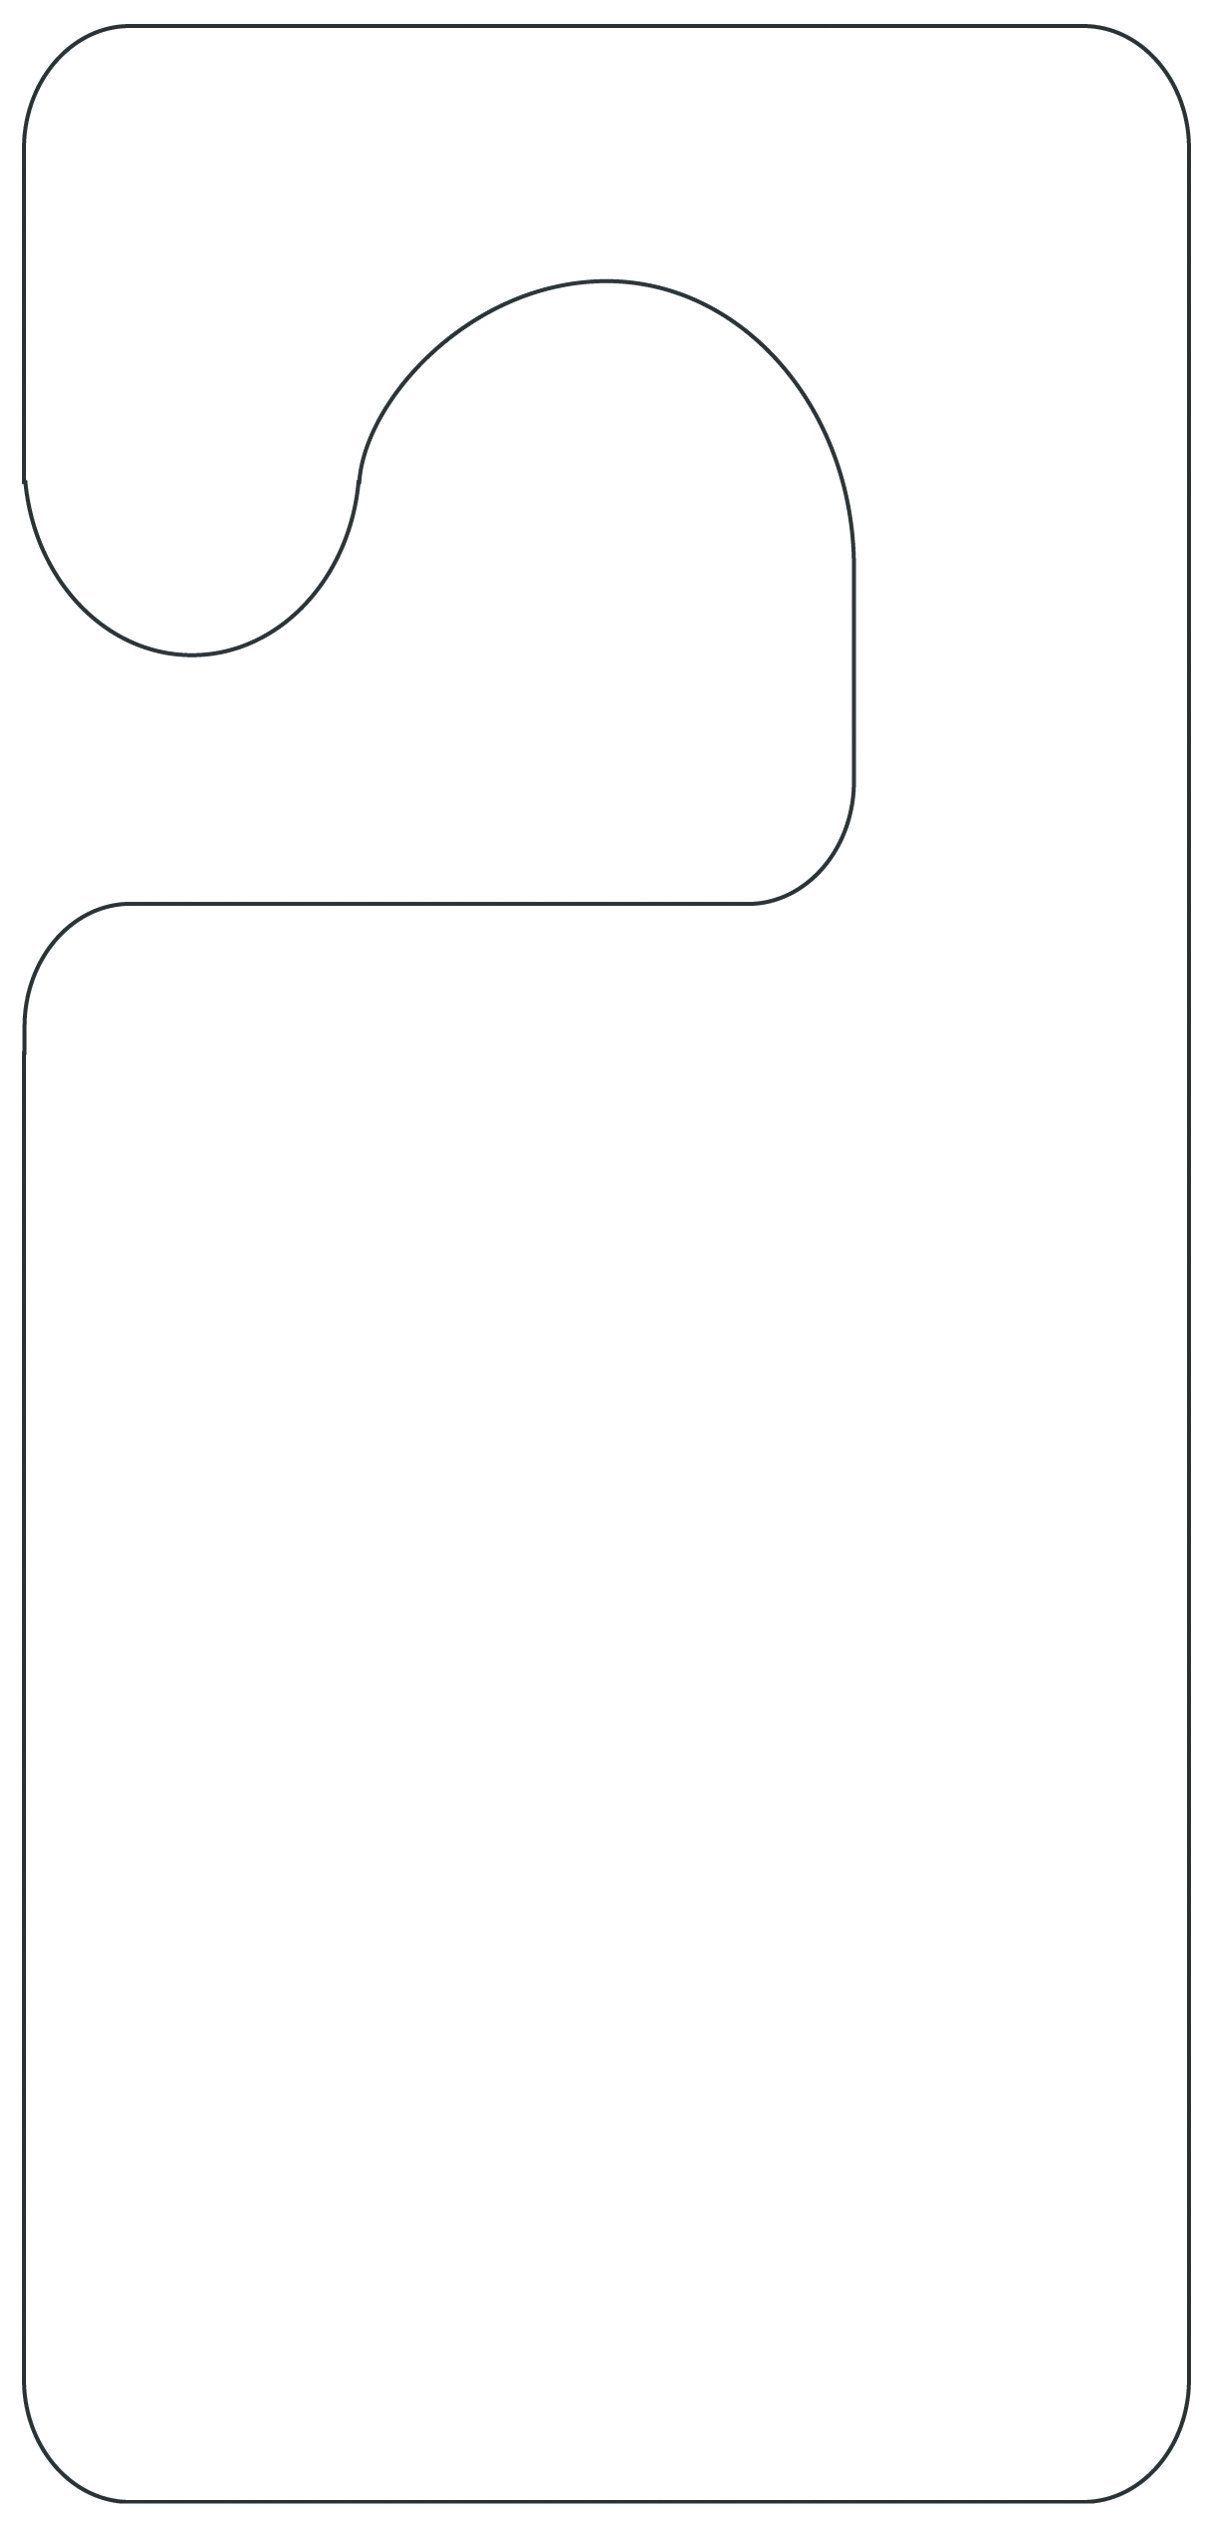 Printable Door Hanger Template | Preschool Ideas | Pinterest - Free Printable Door Hanger Template